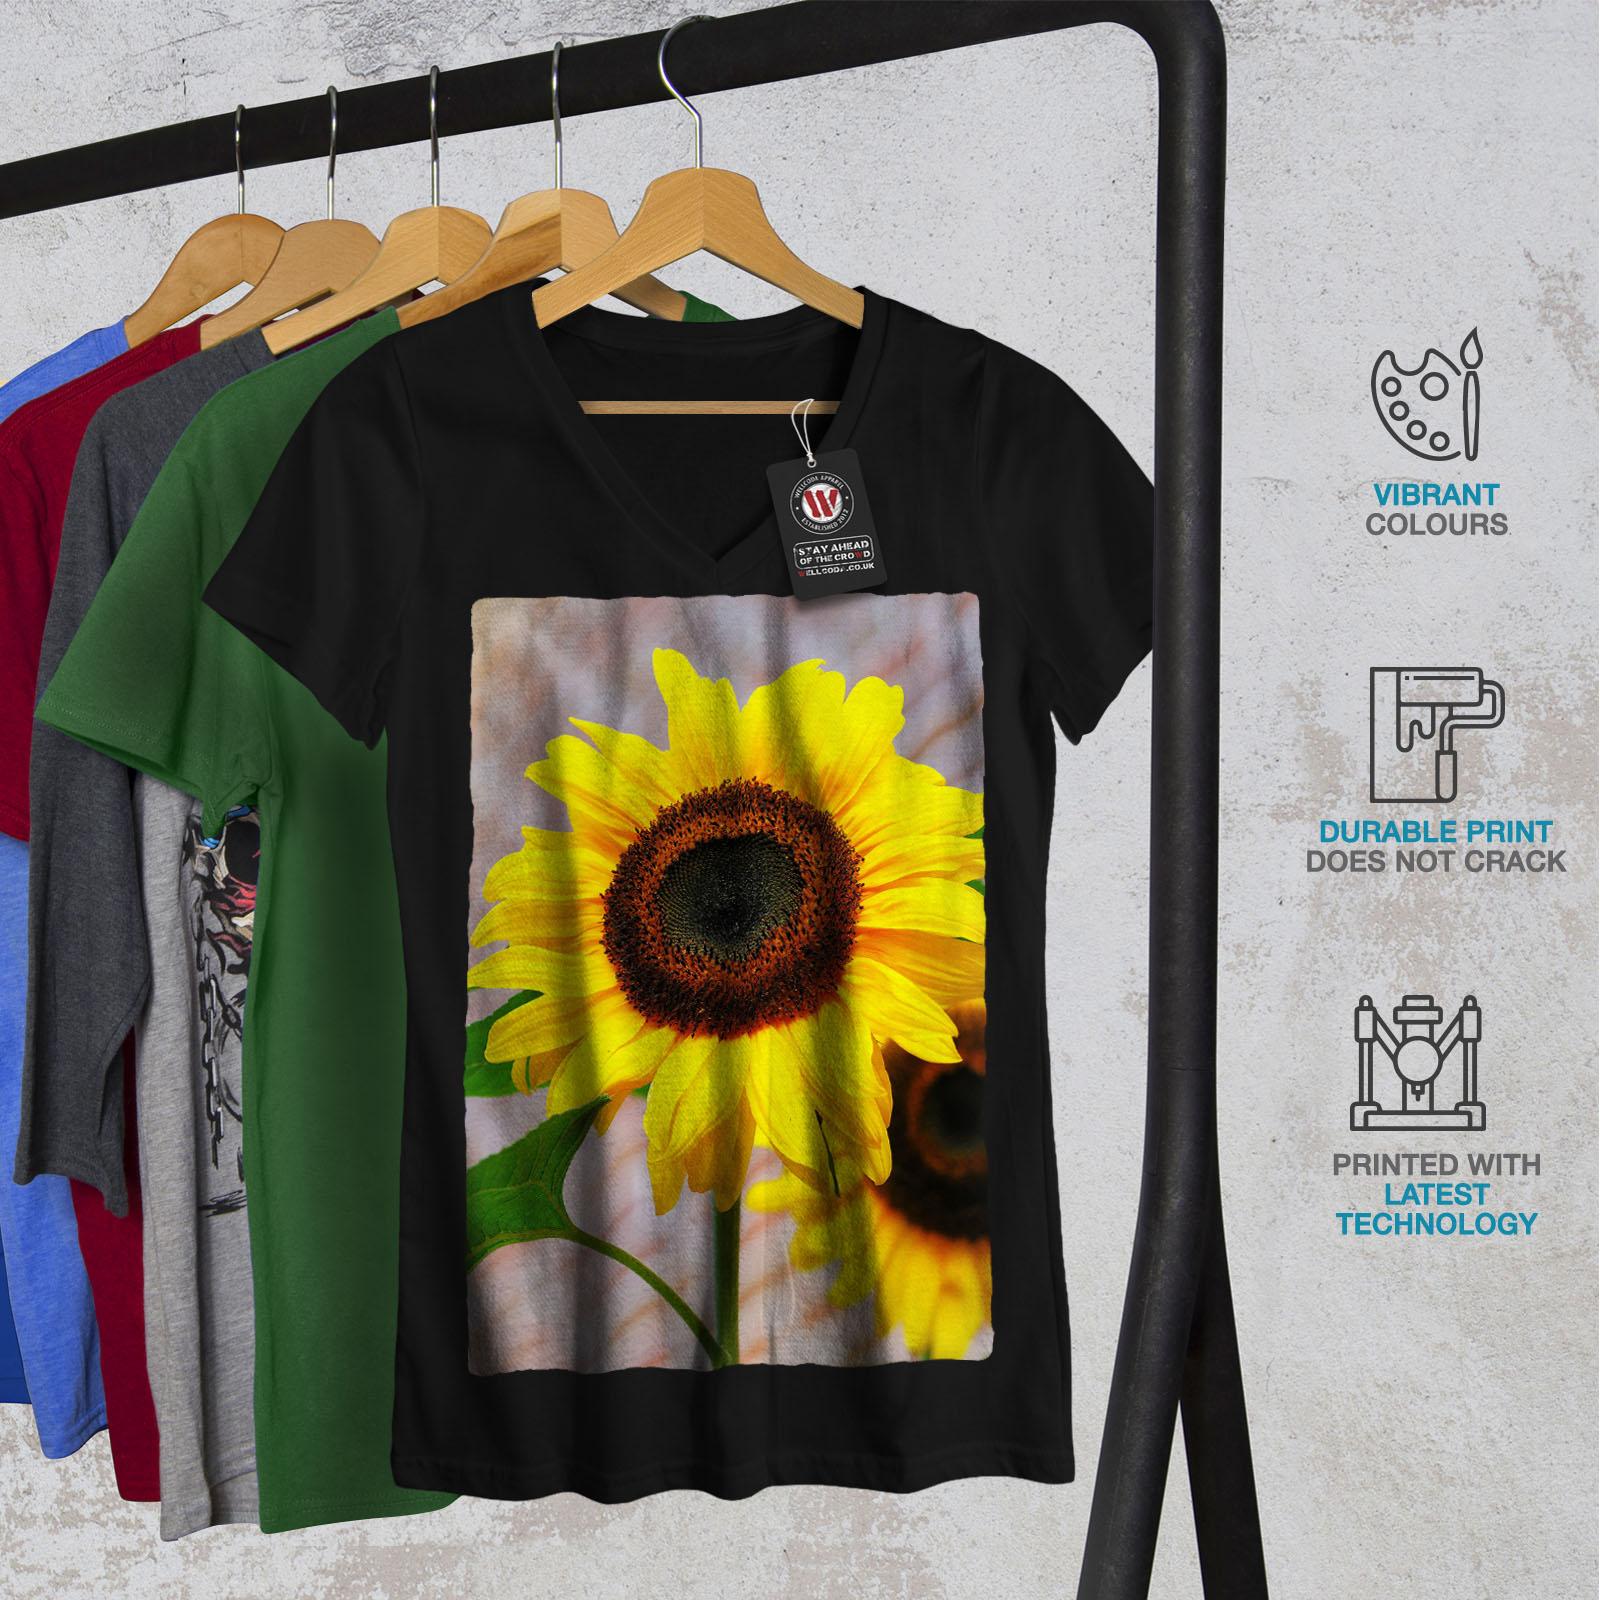 Wellcoda-Sunflower-Photo-Nature-Womens-V-Neck-T-shirt-Nature-Graphic-Design-Tee thumbnail 4